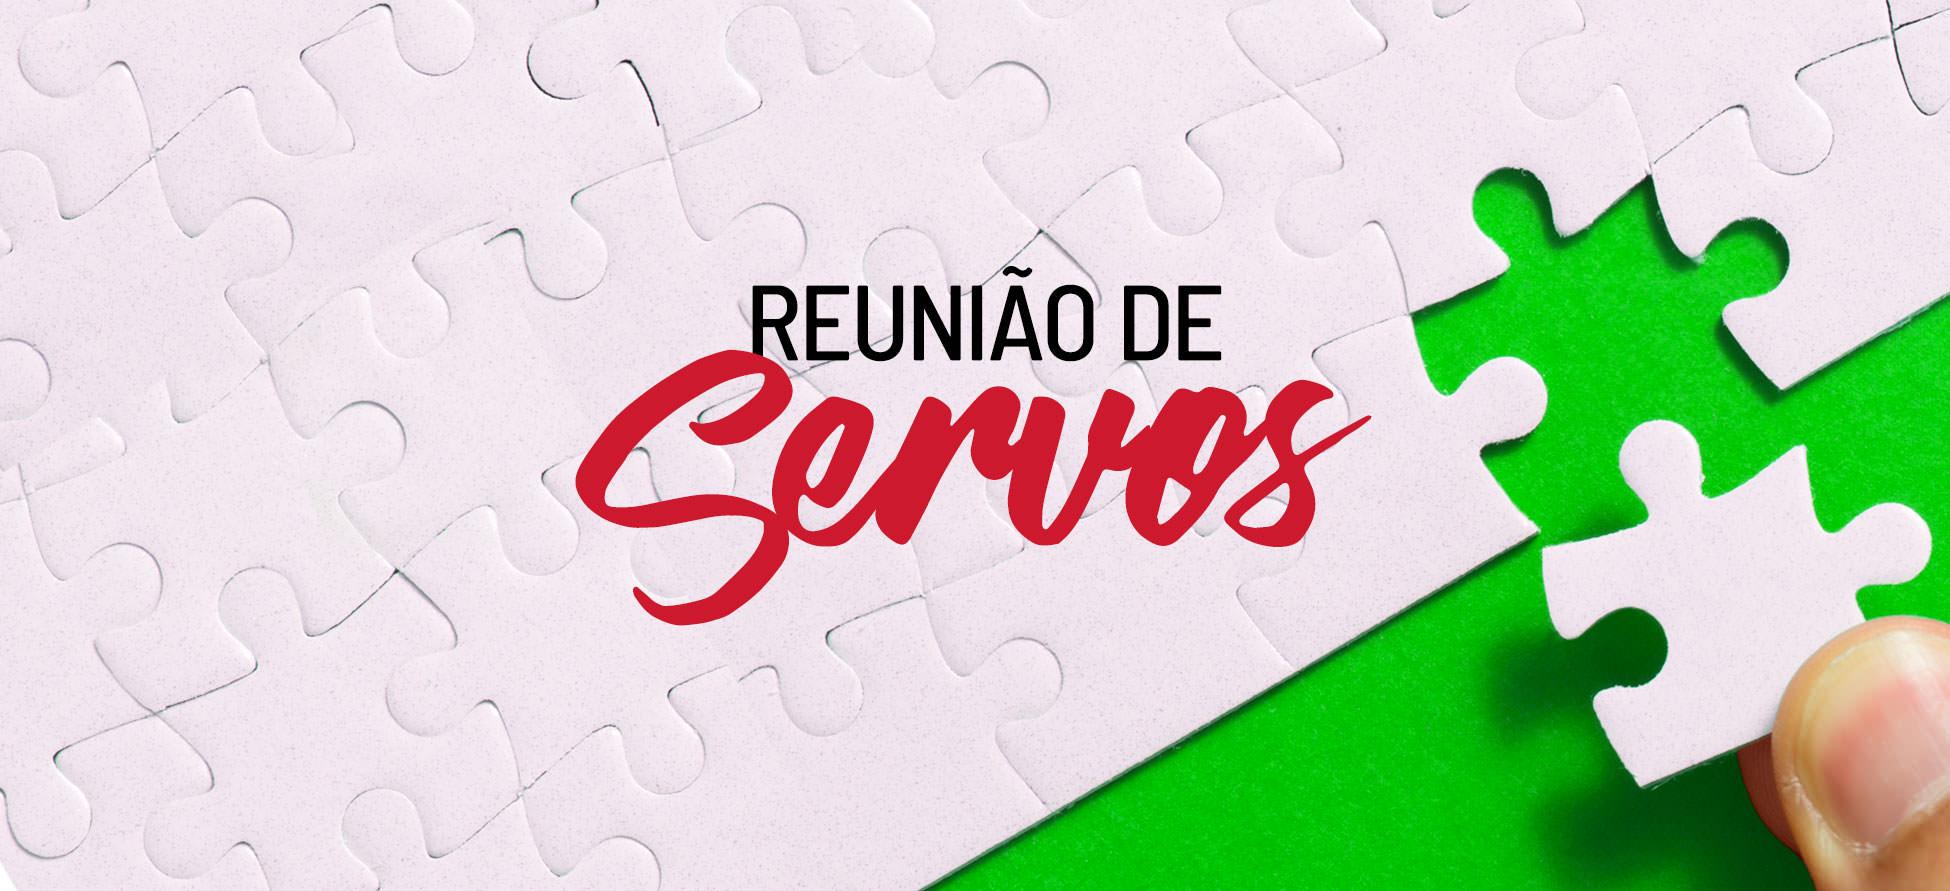 Reuniao-Servos_1950x891px_2019